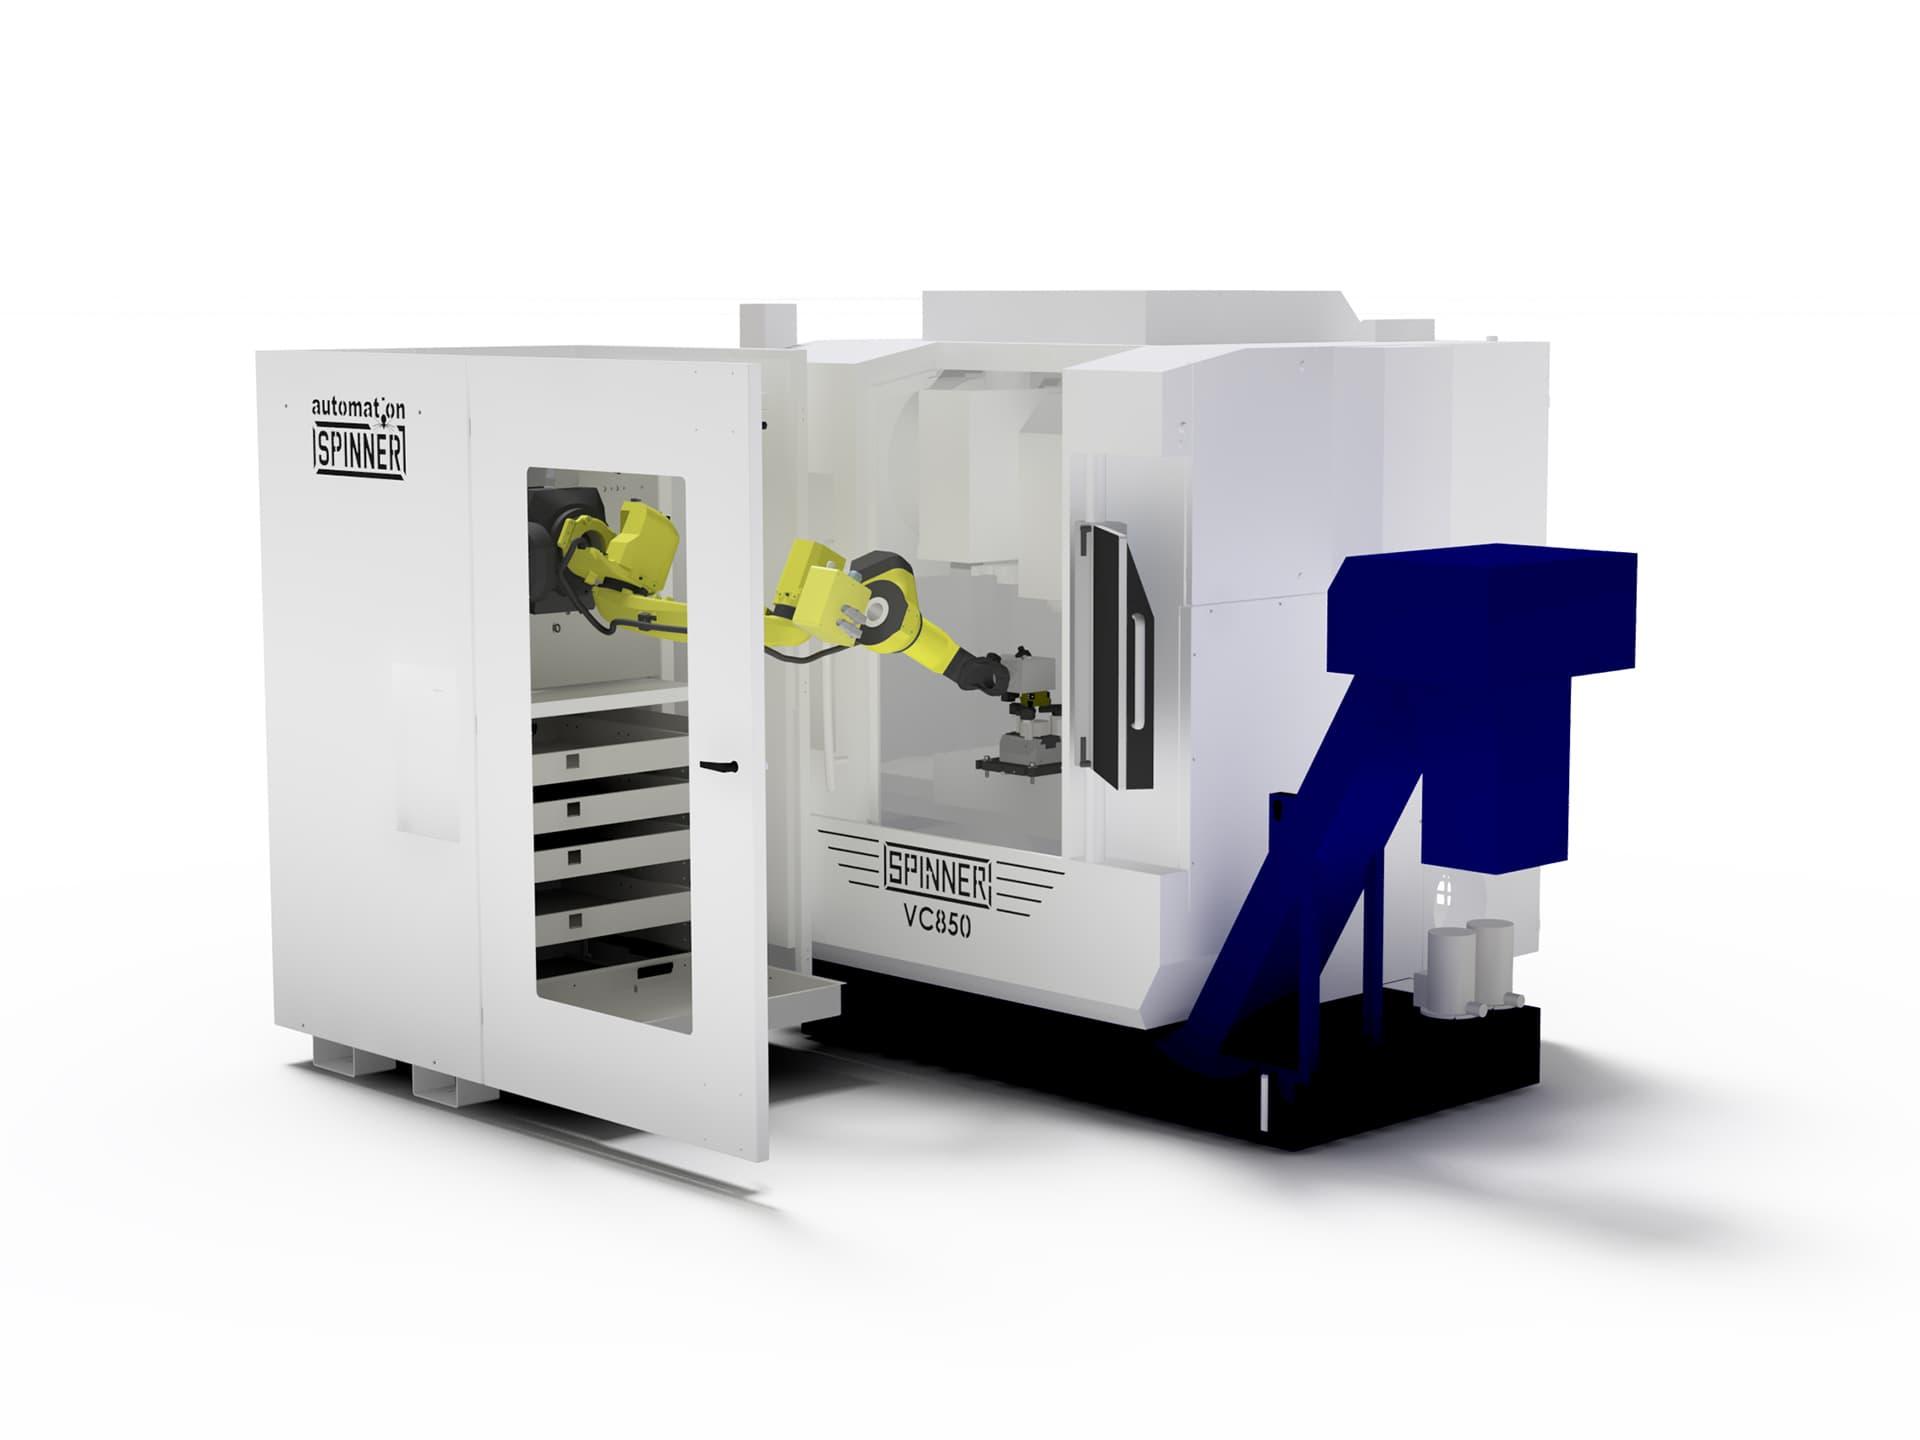 Spinner AG - Visualisierung Robobox mit Bearbeitungszentrum Spinner VC850